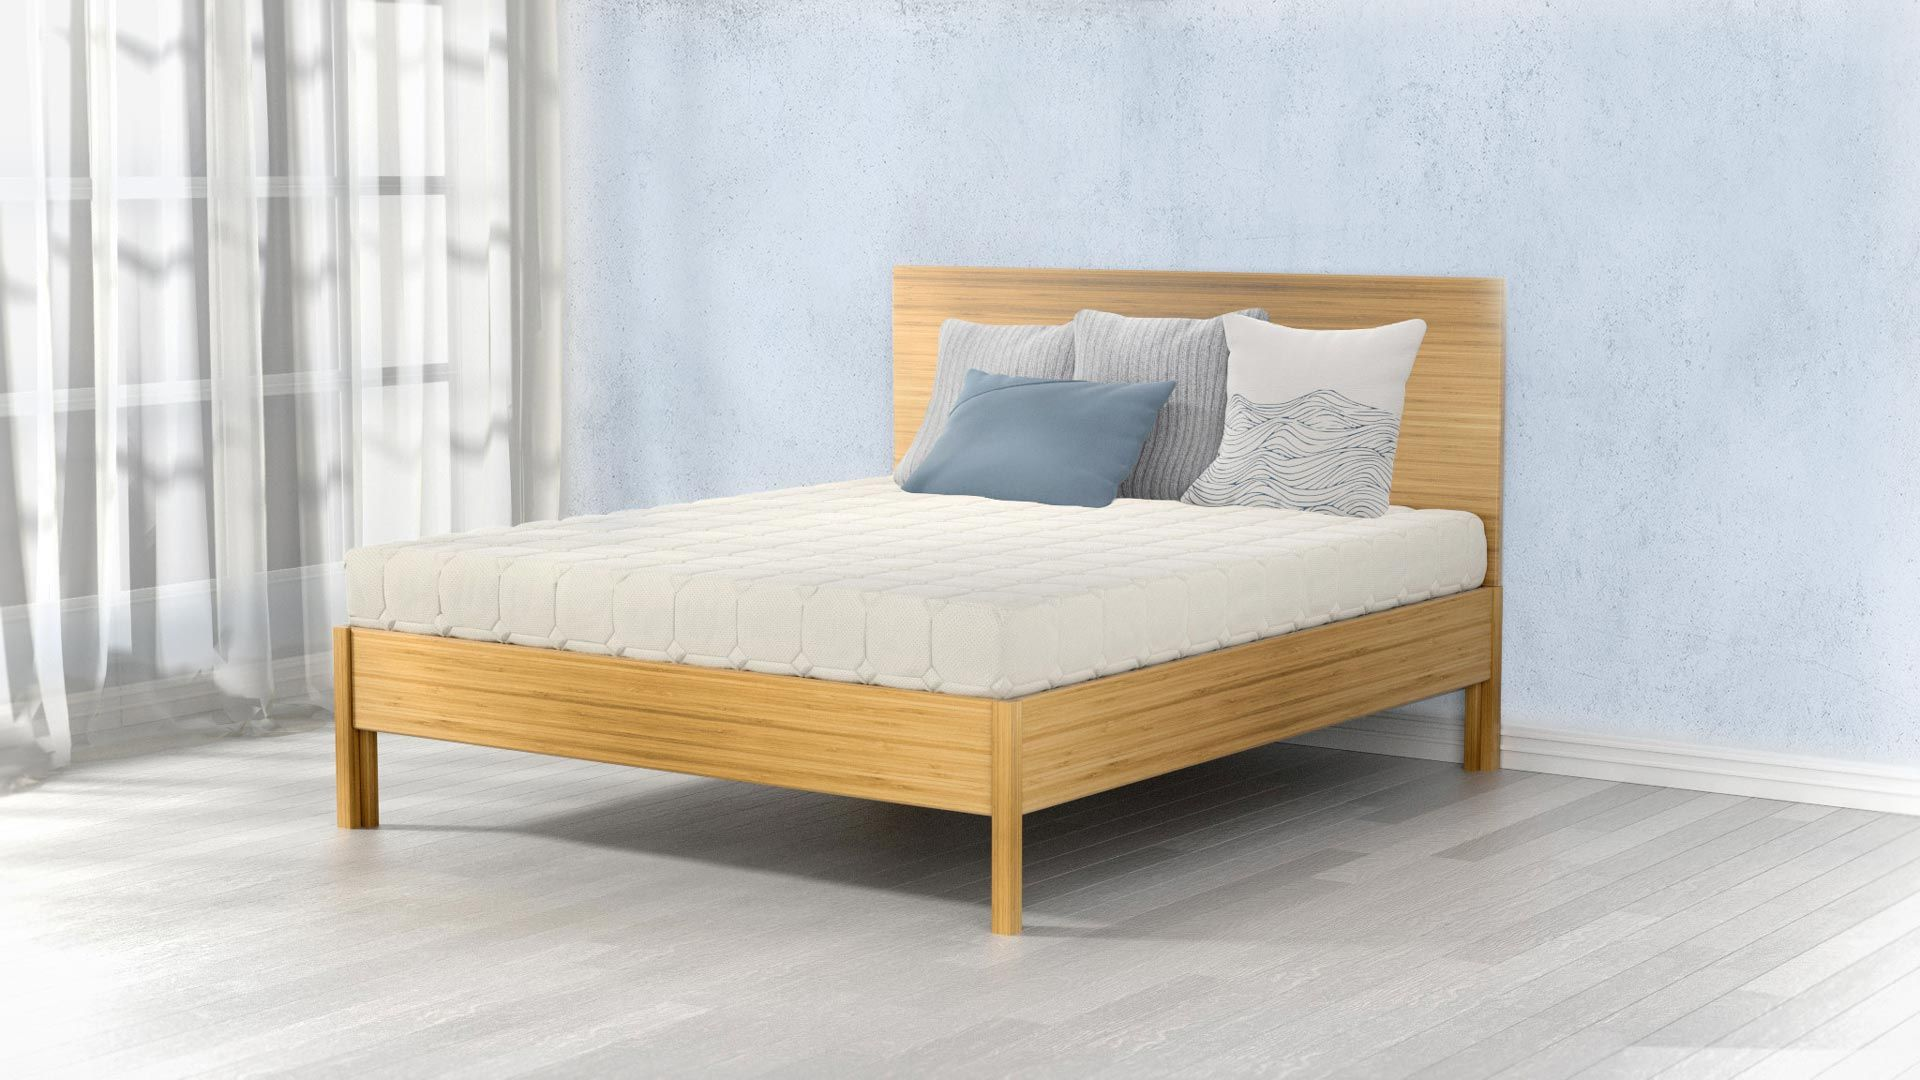 Materassi Fabbricatore.Materassi Fabricatore Offerta Materasso Fisiorelax Furniture